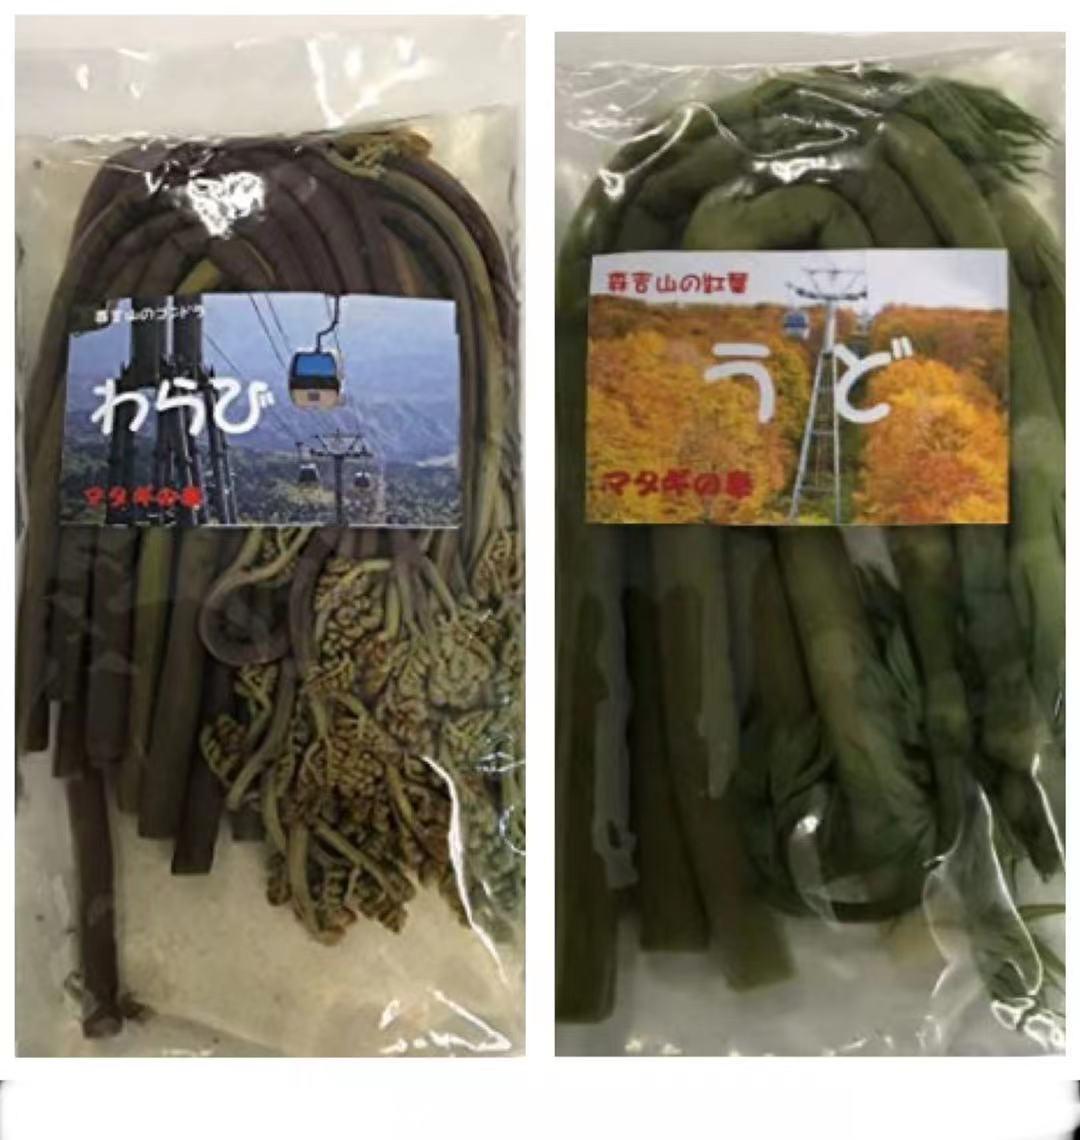 秋田県産 大人気 山菜 わらび水煮200g 計2袋 各1袋 トラスト うど水煮200g